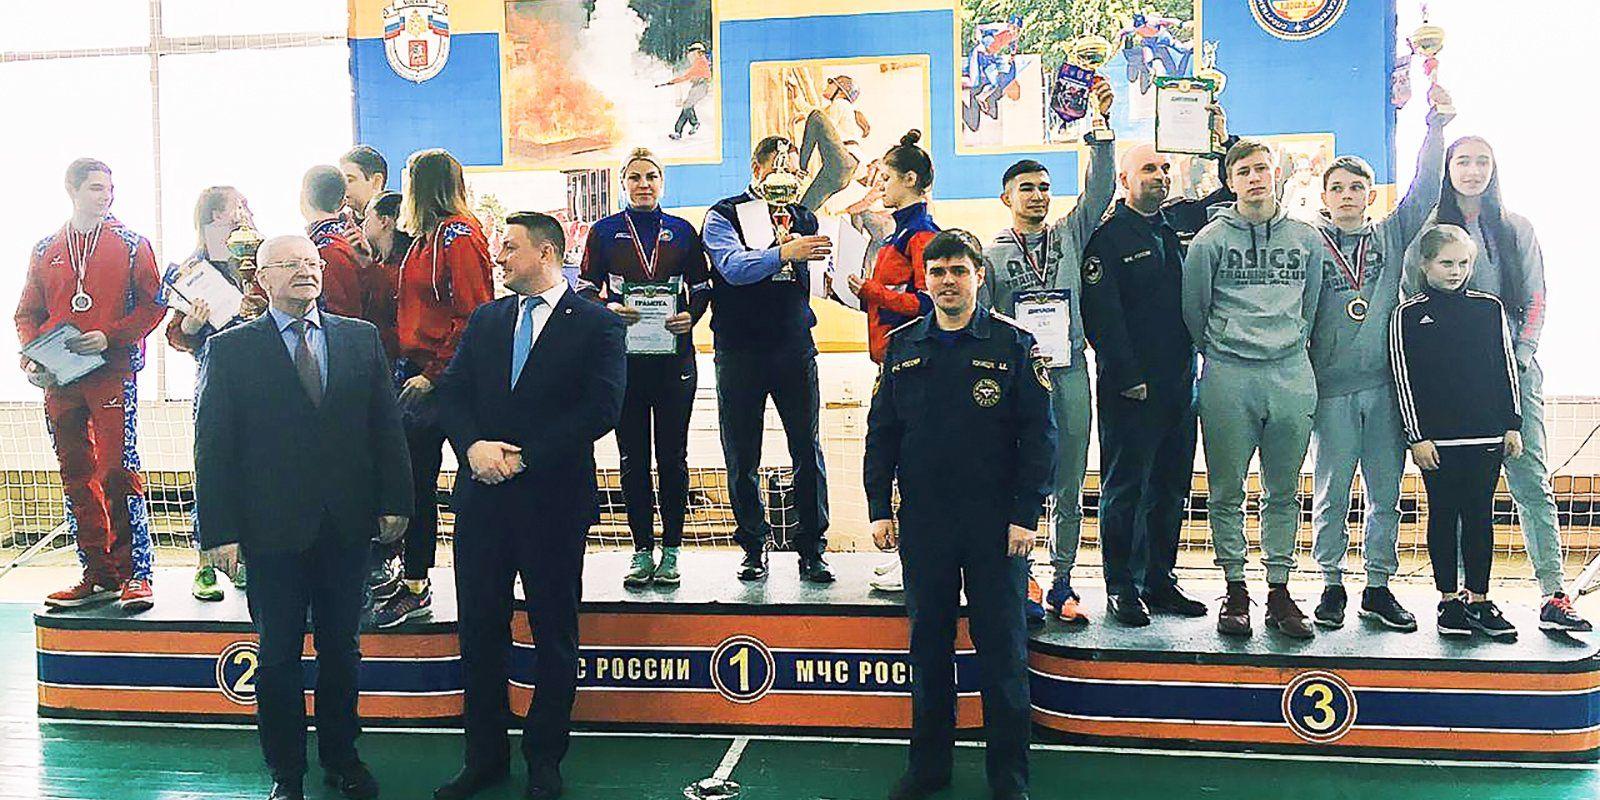 Команда Департамента ГОЧСиПБ завоевала главный Кубок Москвы